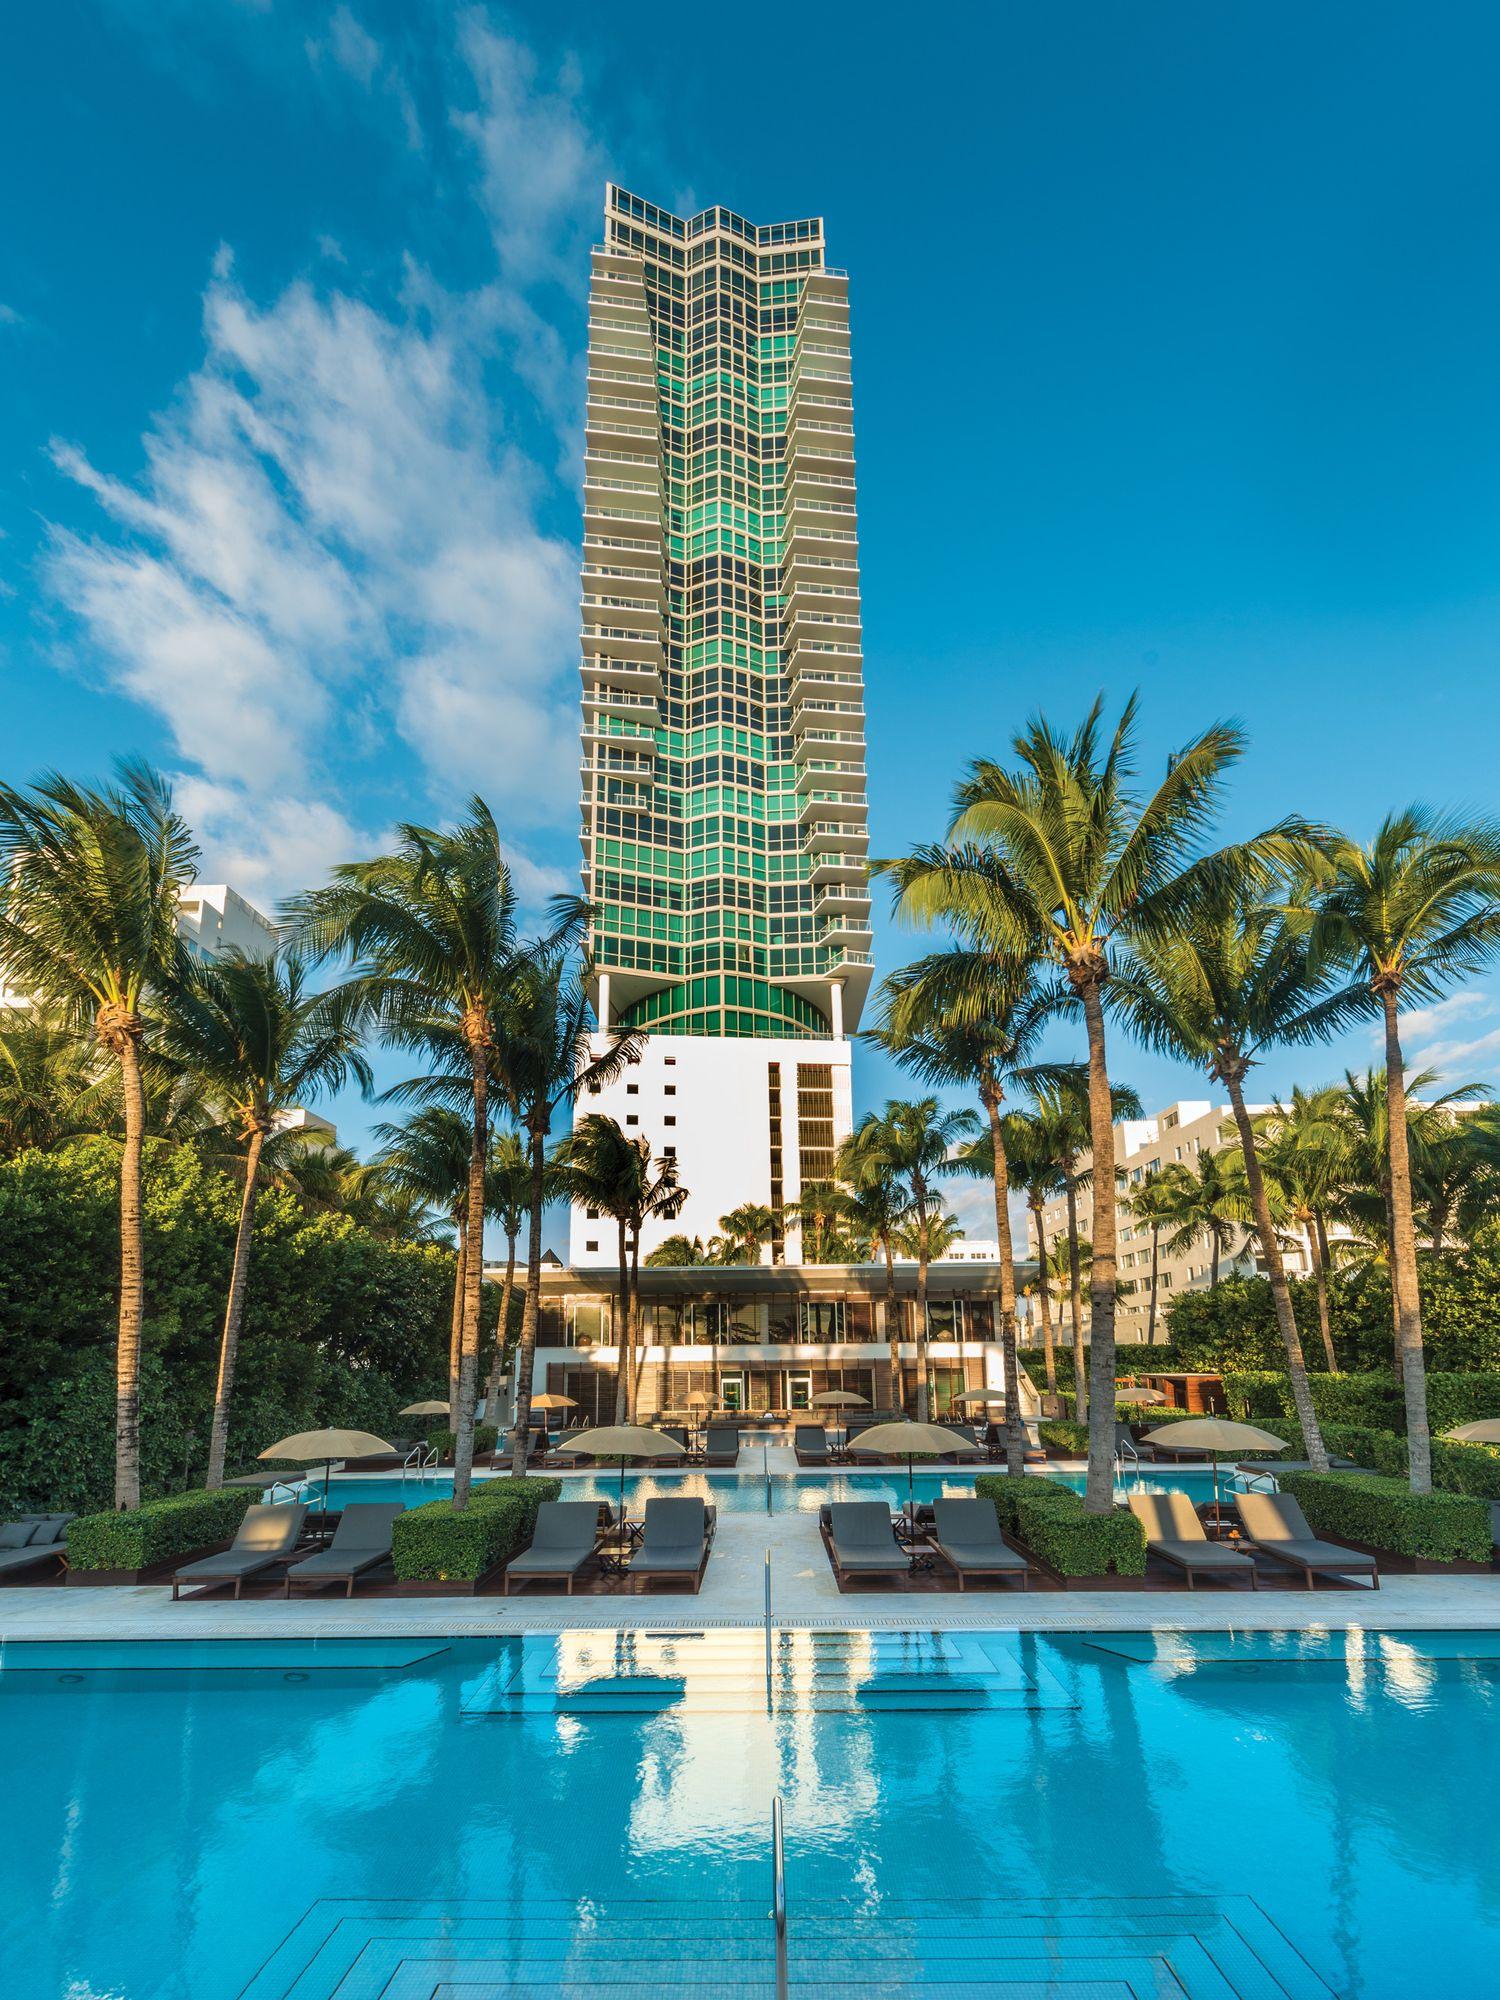 Exterior image of the Setai Miami Beach hotel.